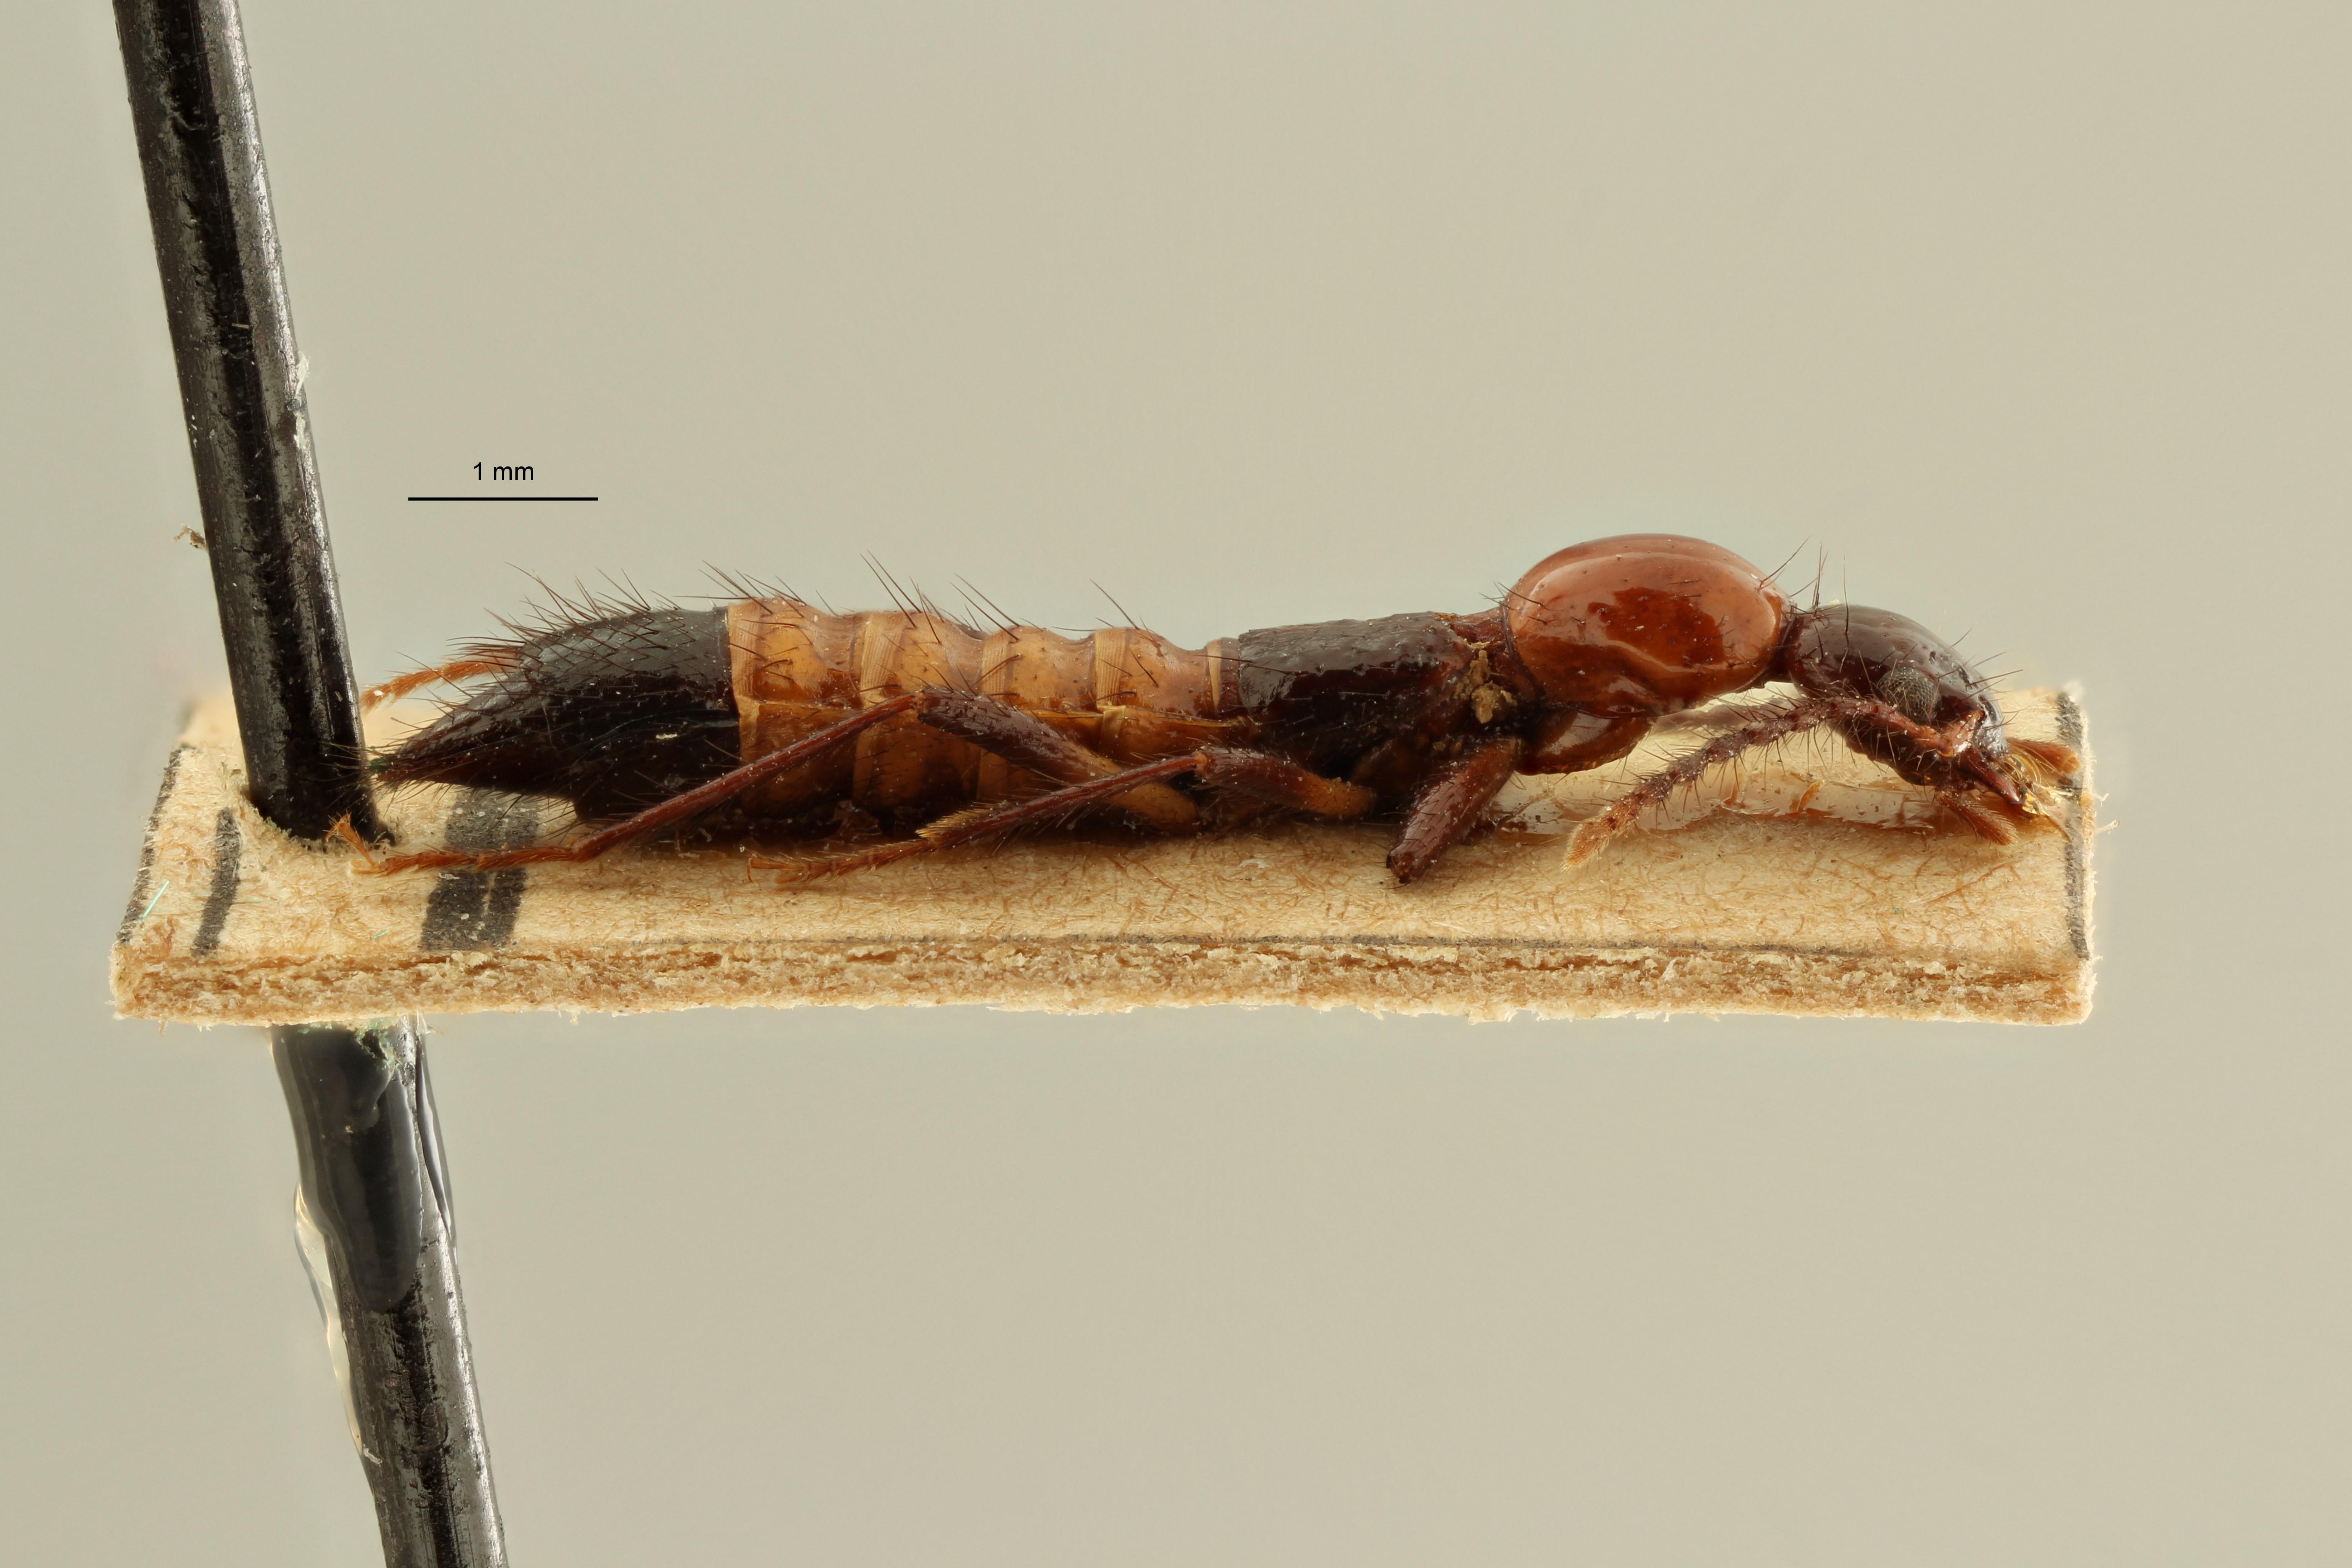 Paederus capillaris et L ZS PMax Scaled.jpeg